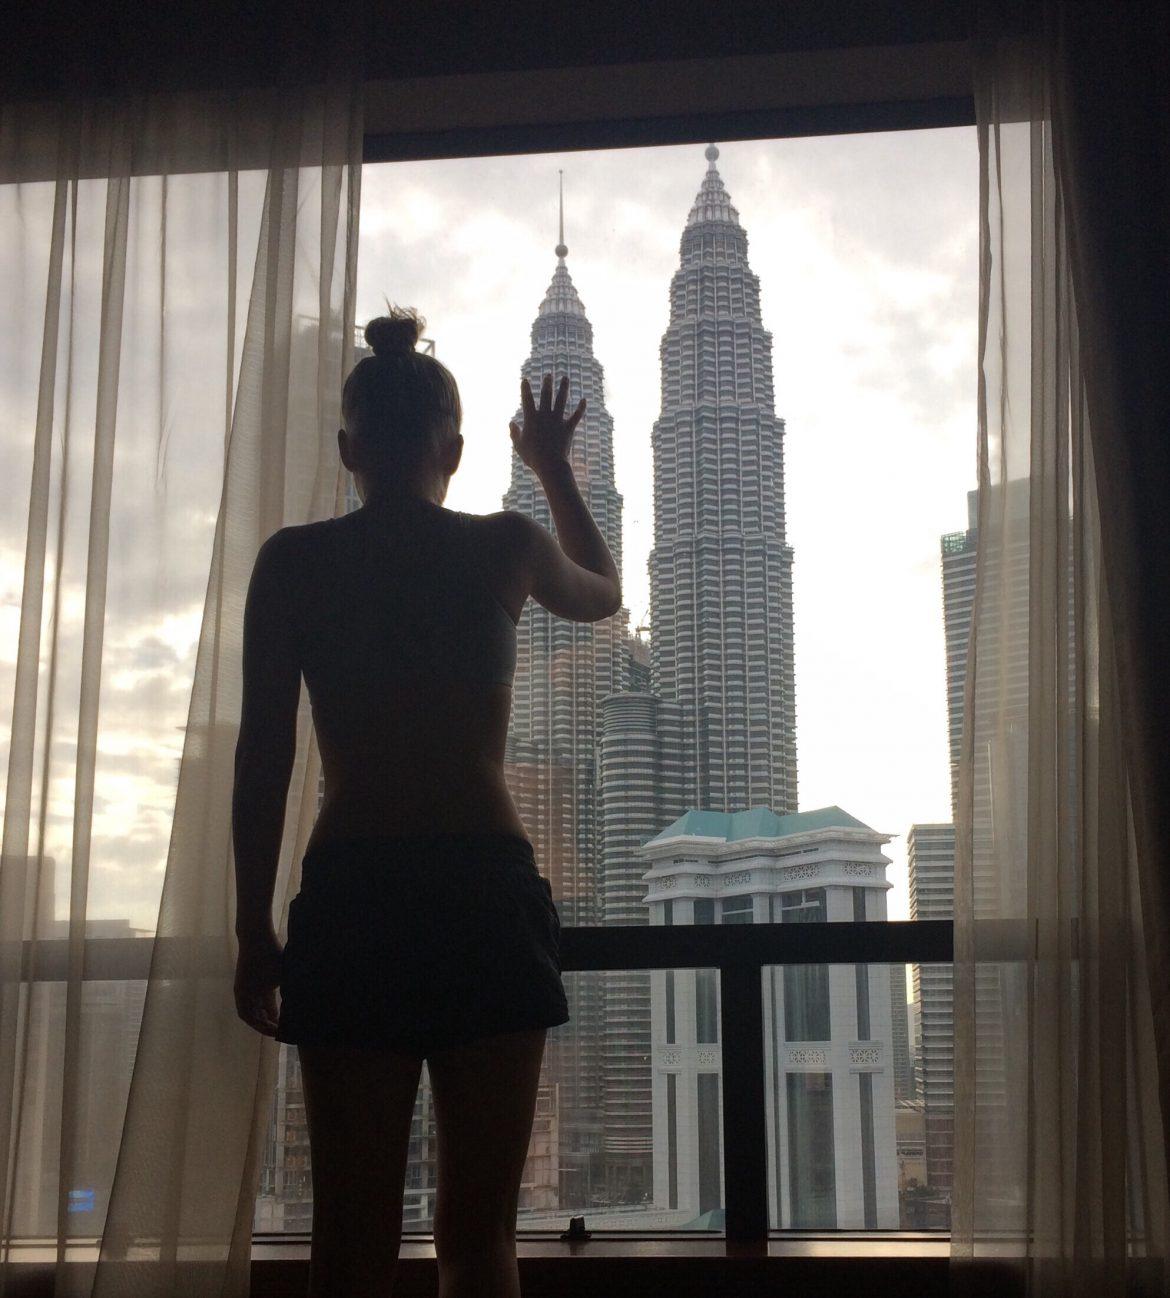 kobieta przy oknie rolety tekstylne